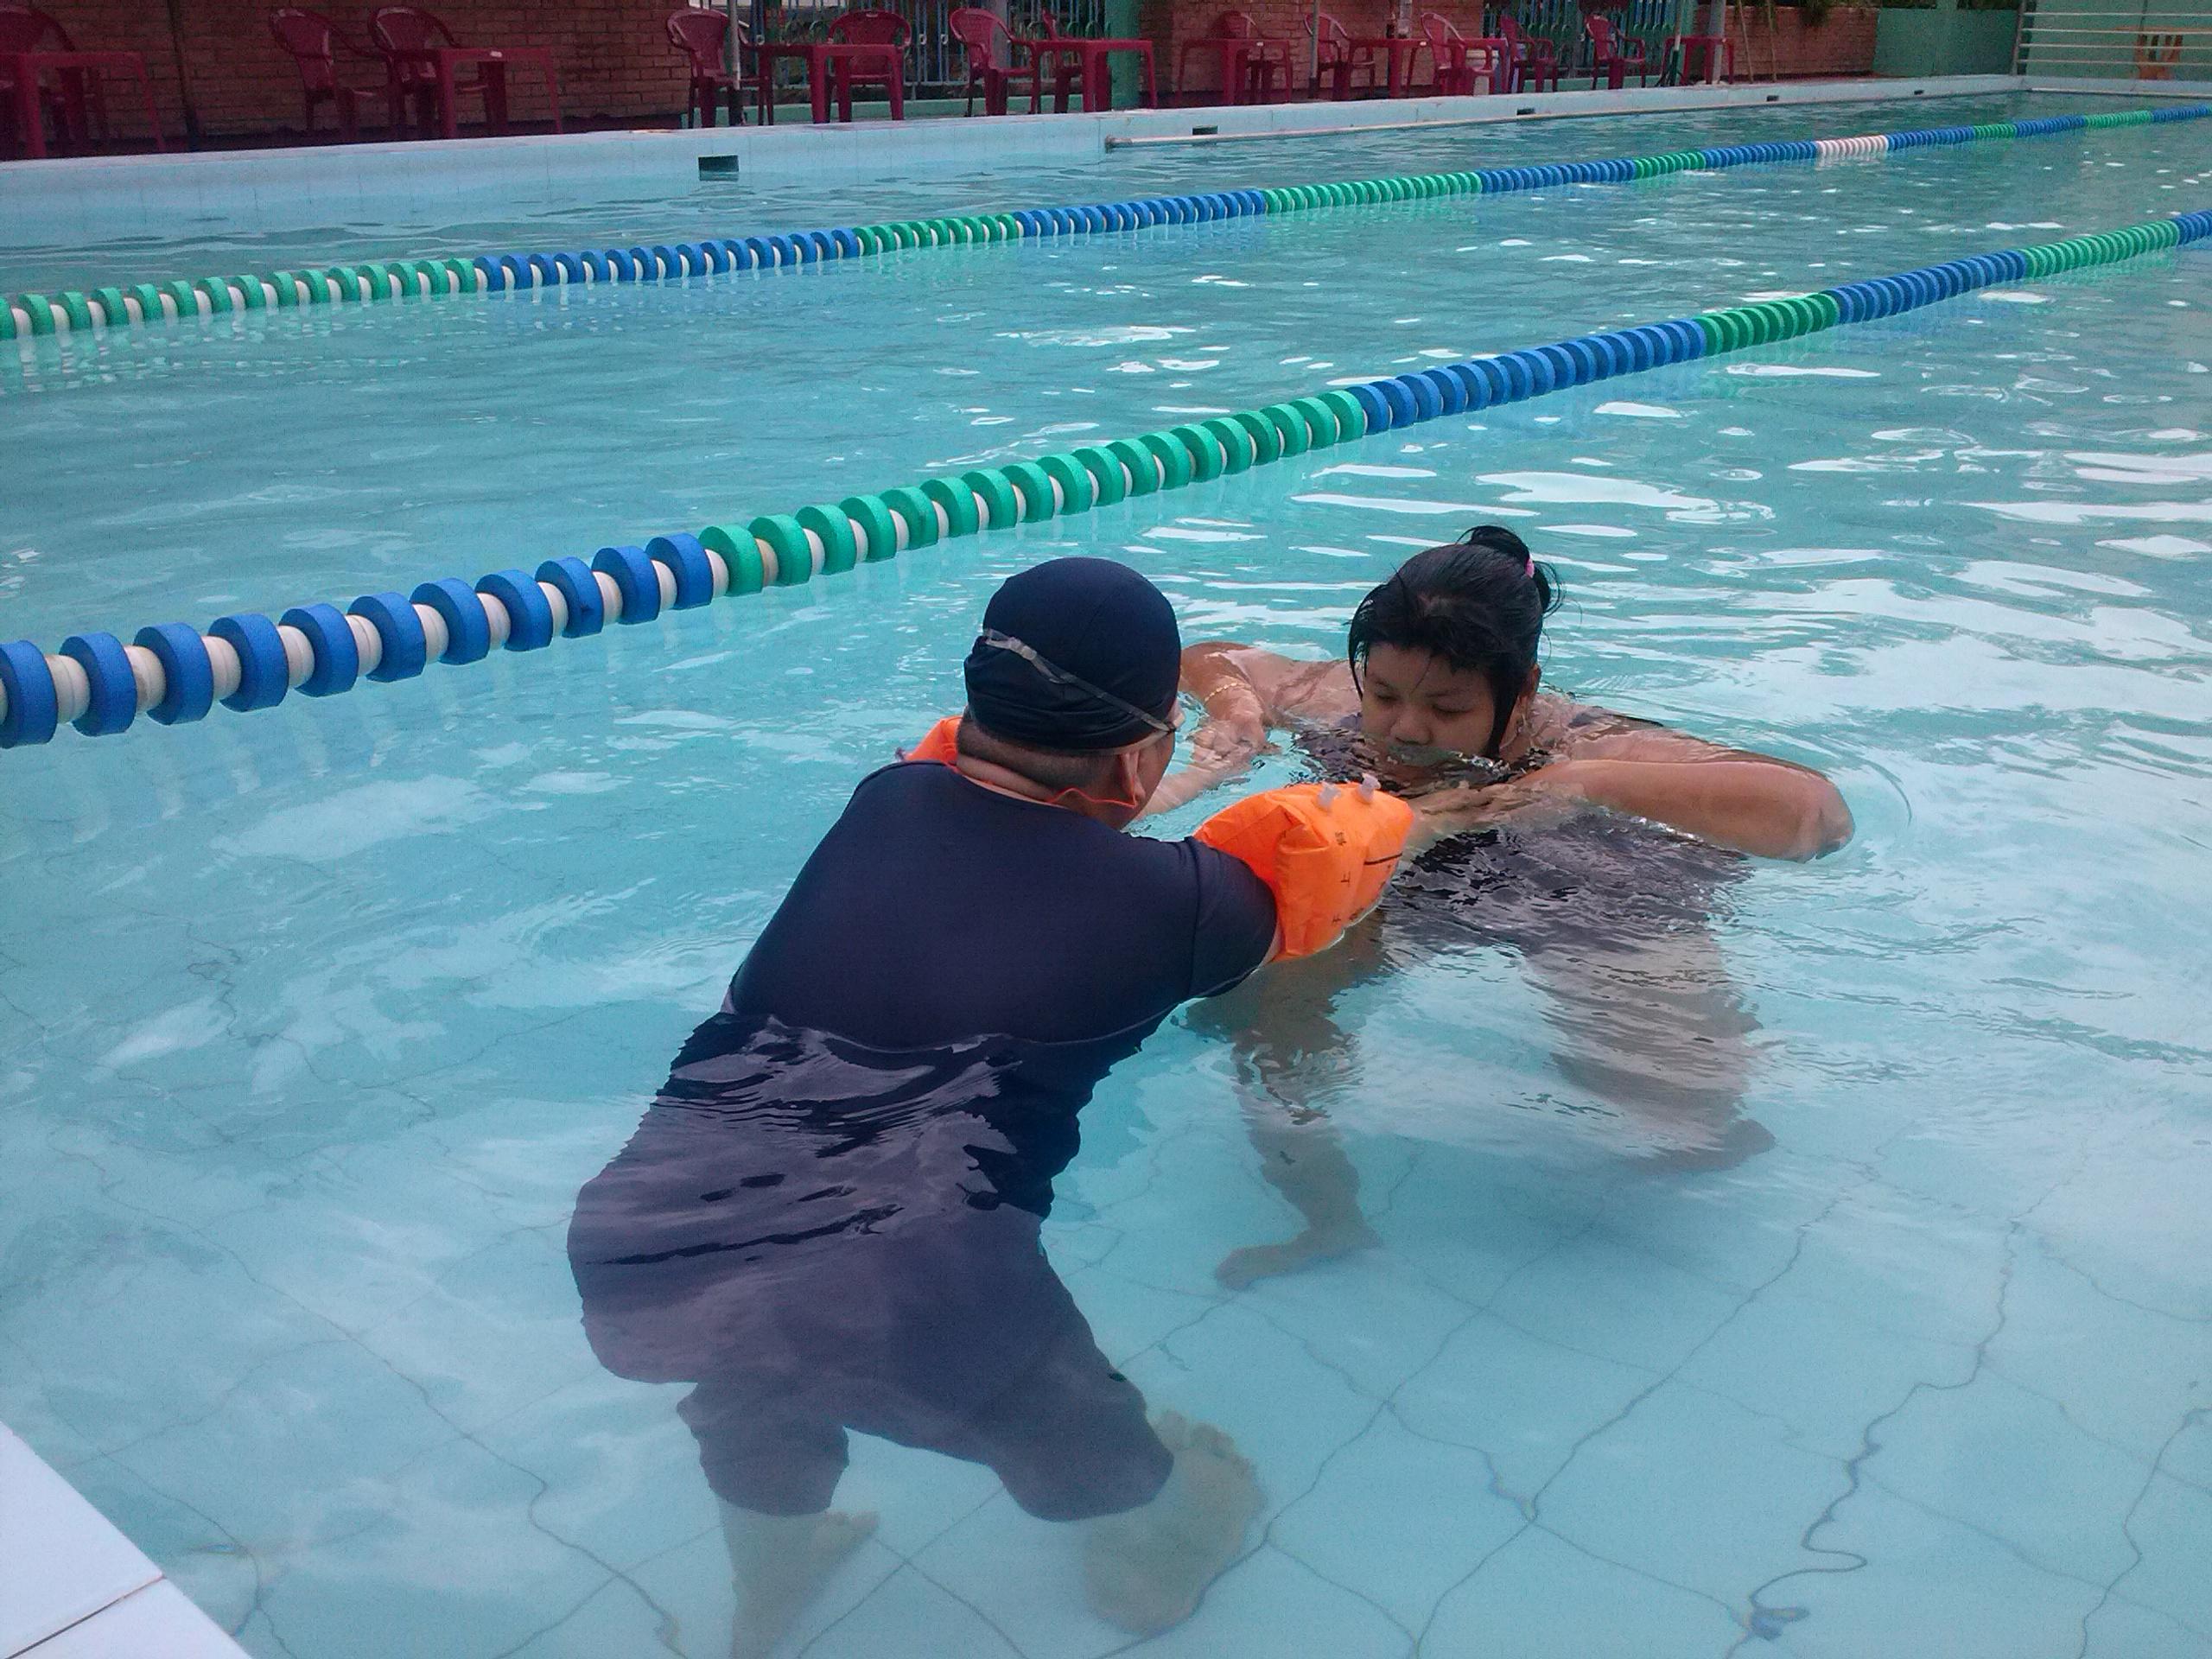 giáo viên dạy bơi sẽ thực hành từng động tác thuở nước và hướng dẫn cho học viên làm theo, giúp học viên tự tin cảm giác an toan | dayboikemrieng.com